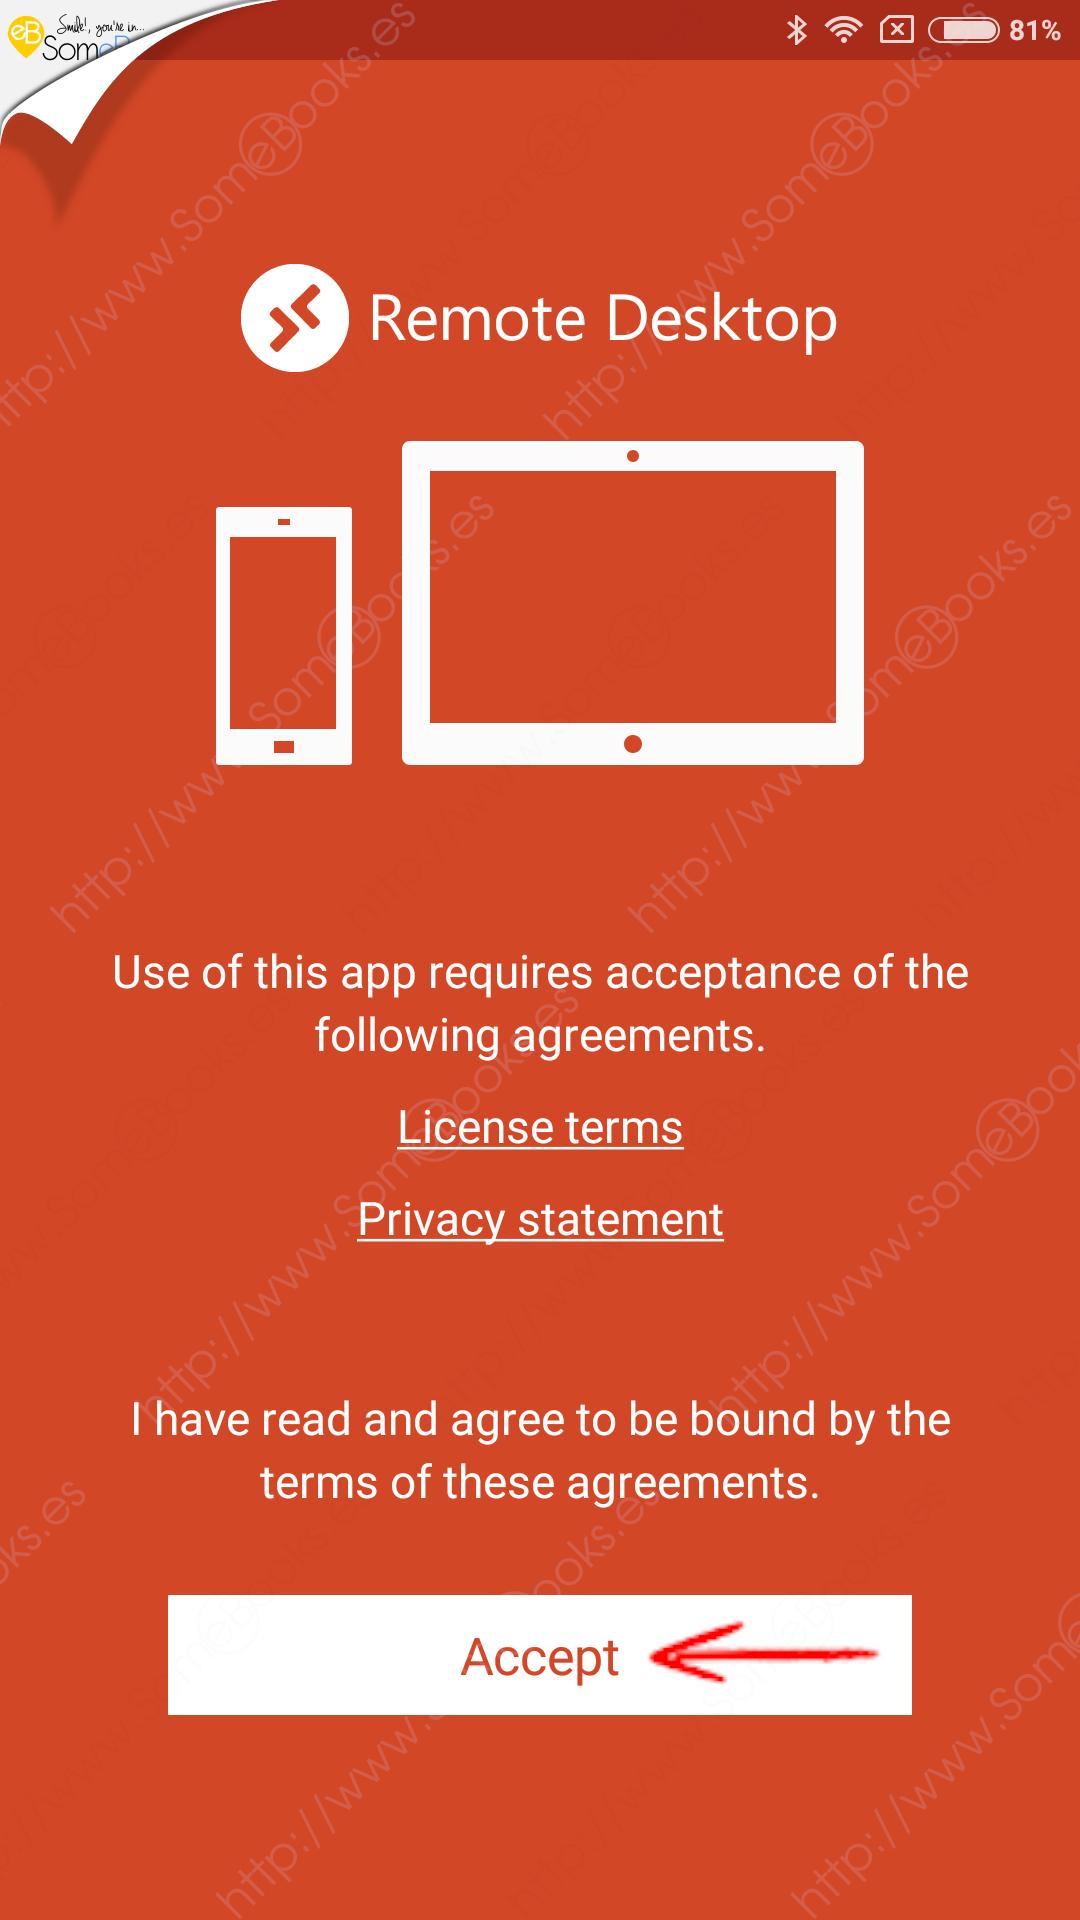 Escritorio-remoto-en-Windows-10-Acceder-desde-Android-003